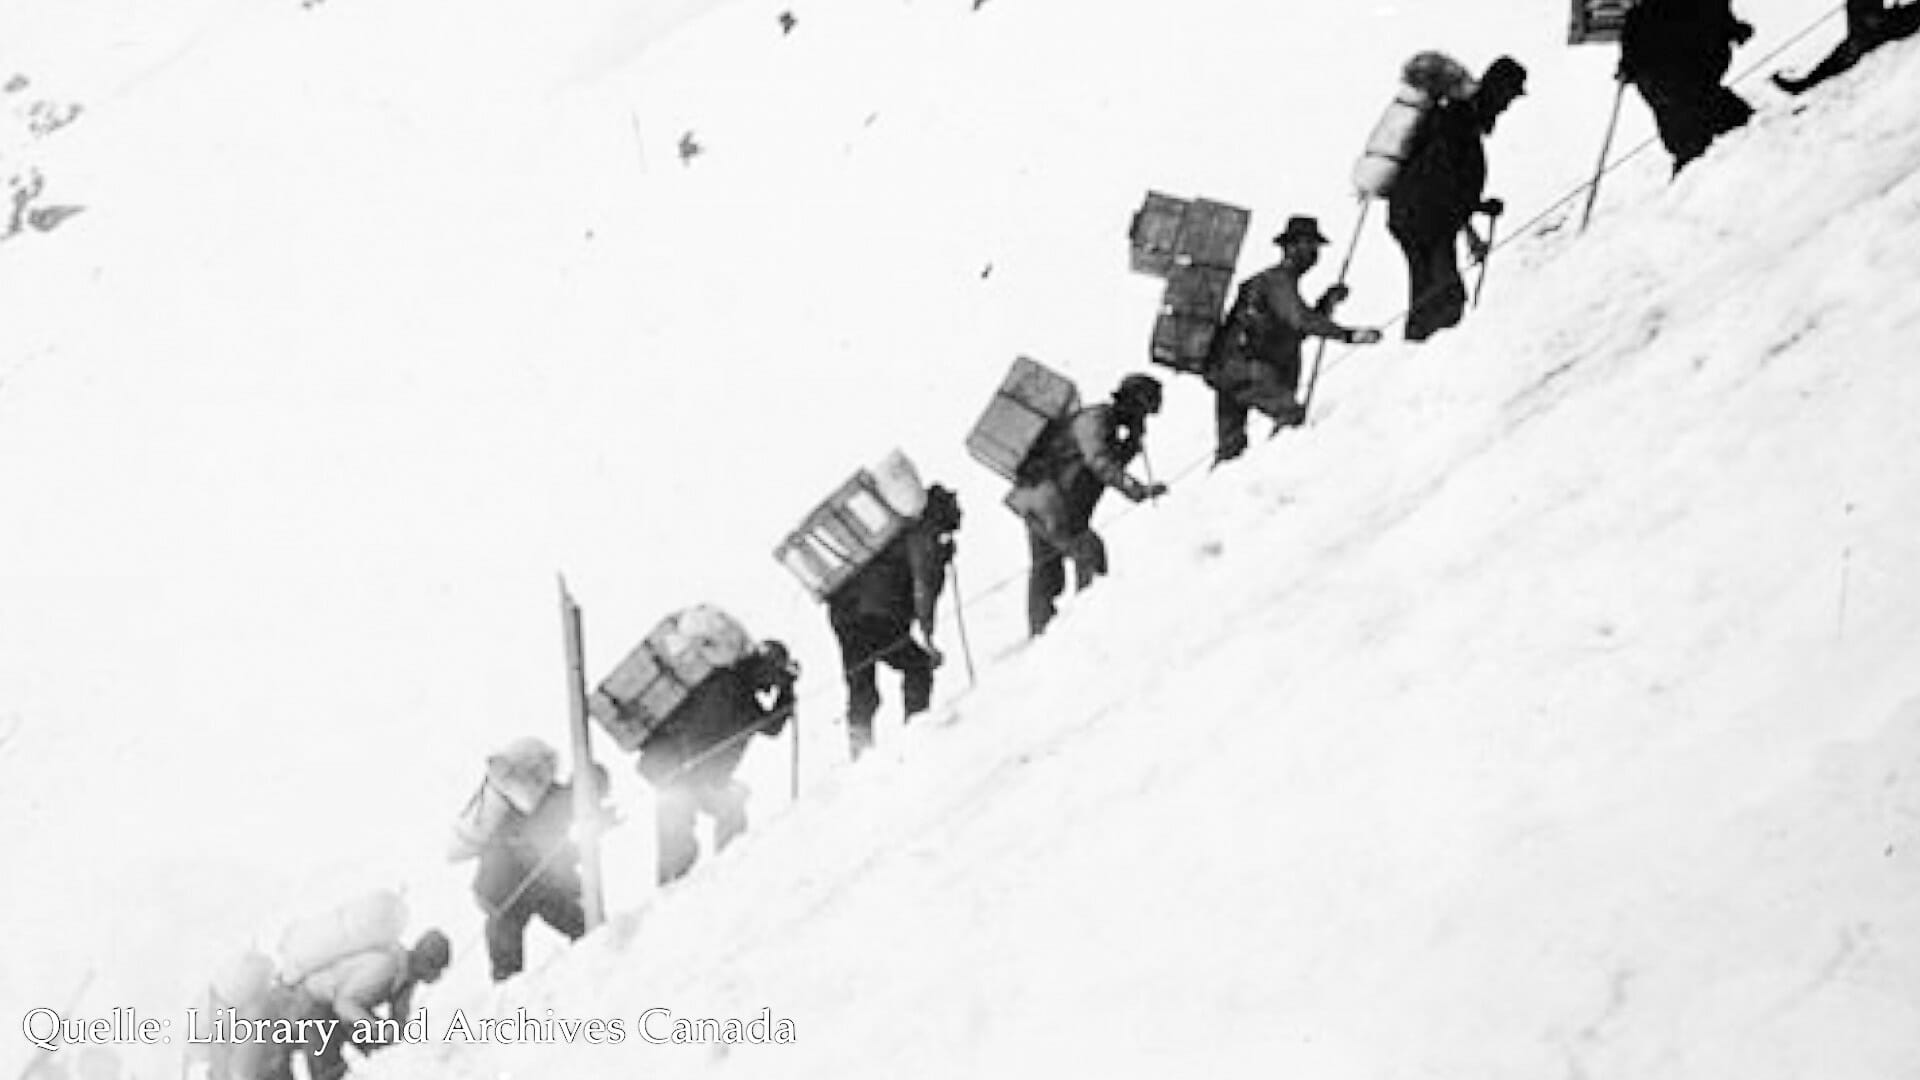 Die Goldsucher mussten Nahrungsmittel für ein ganzes Jahr mit in den Yukon bringen. 30 oder 40 Mal mussten sie den Chilkoot-Pass hinauflaufen.